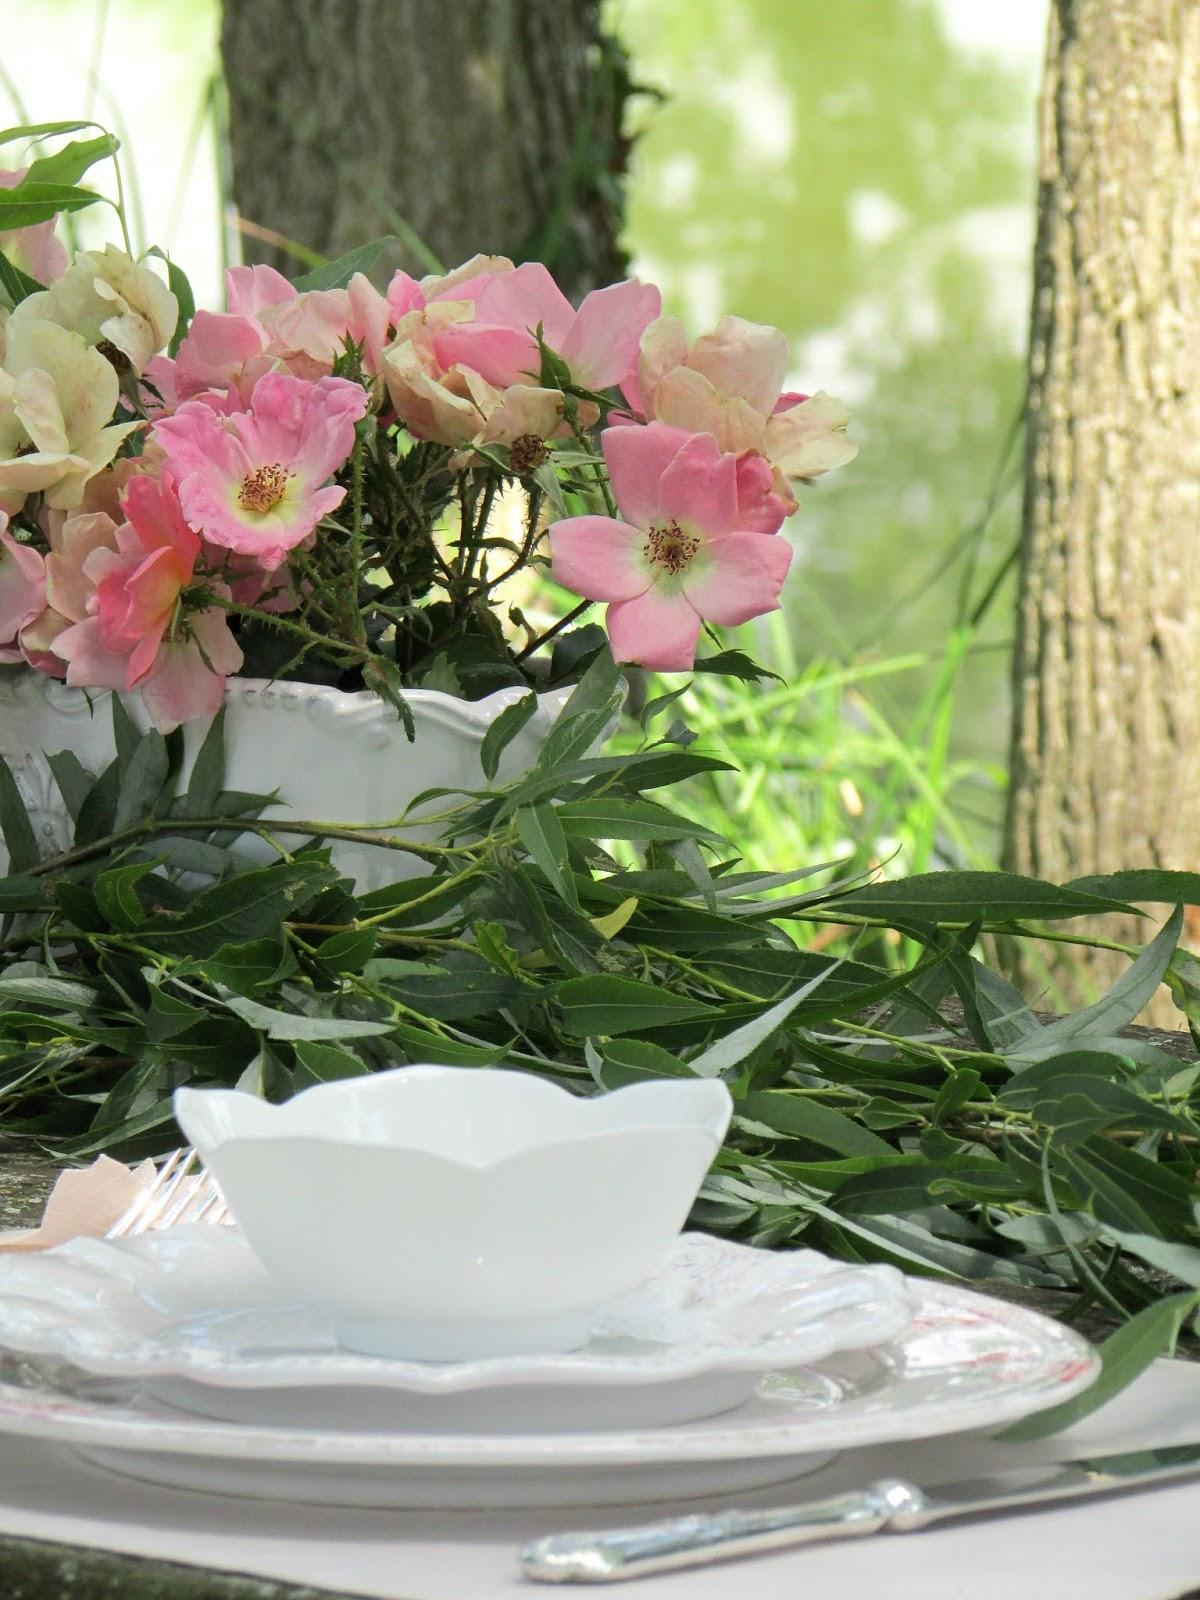 come preparare una tavola romantica